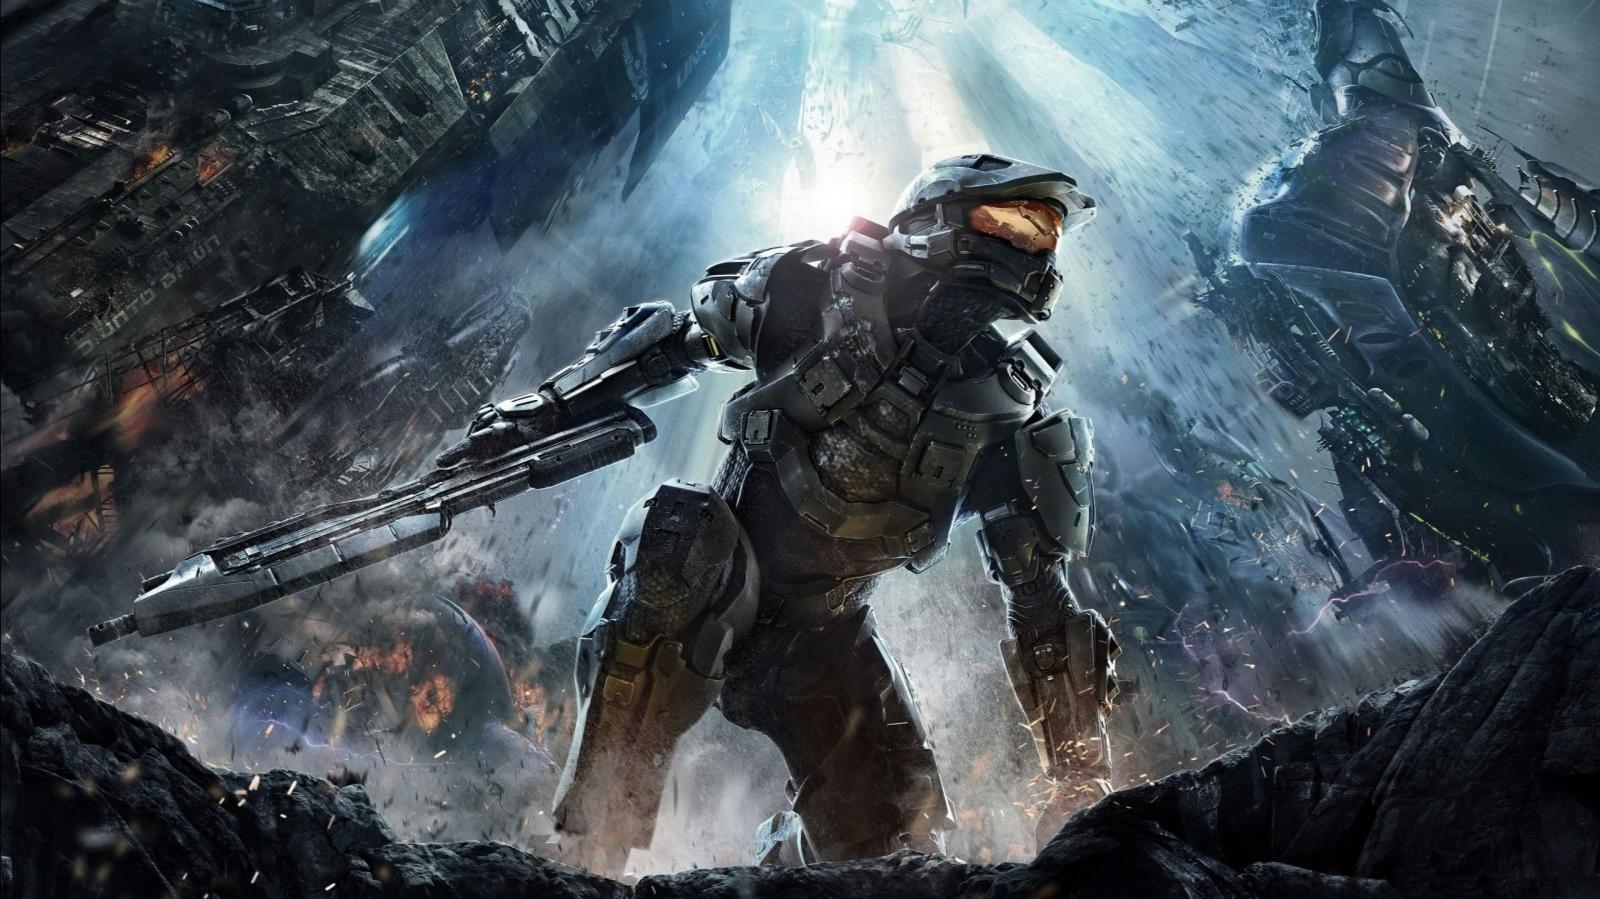 Vypuštěn videodeník o sérii Halo a studiu 343 Industries